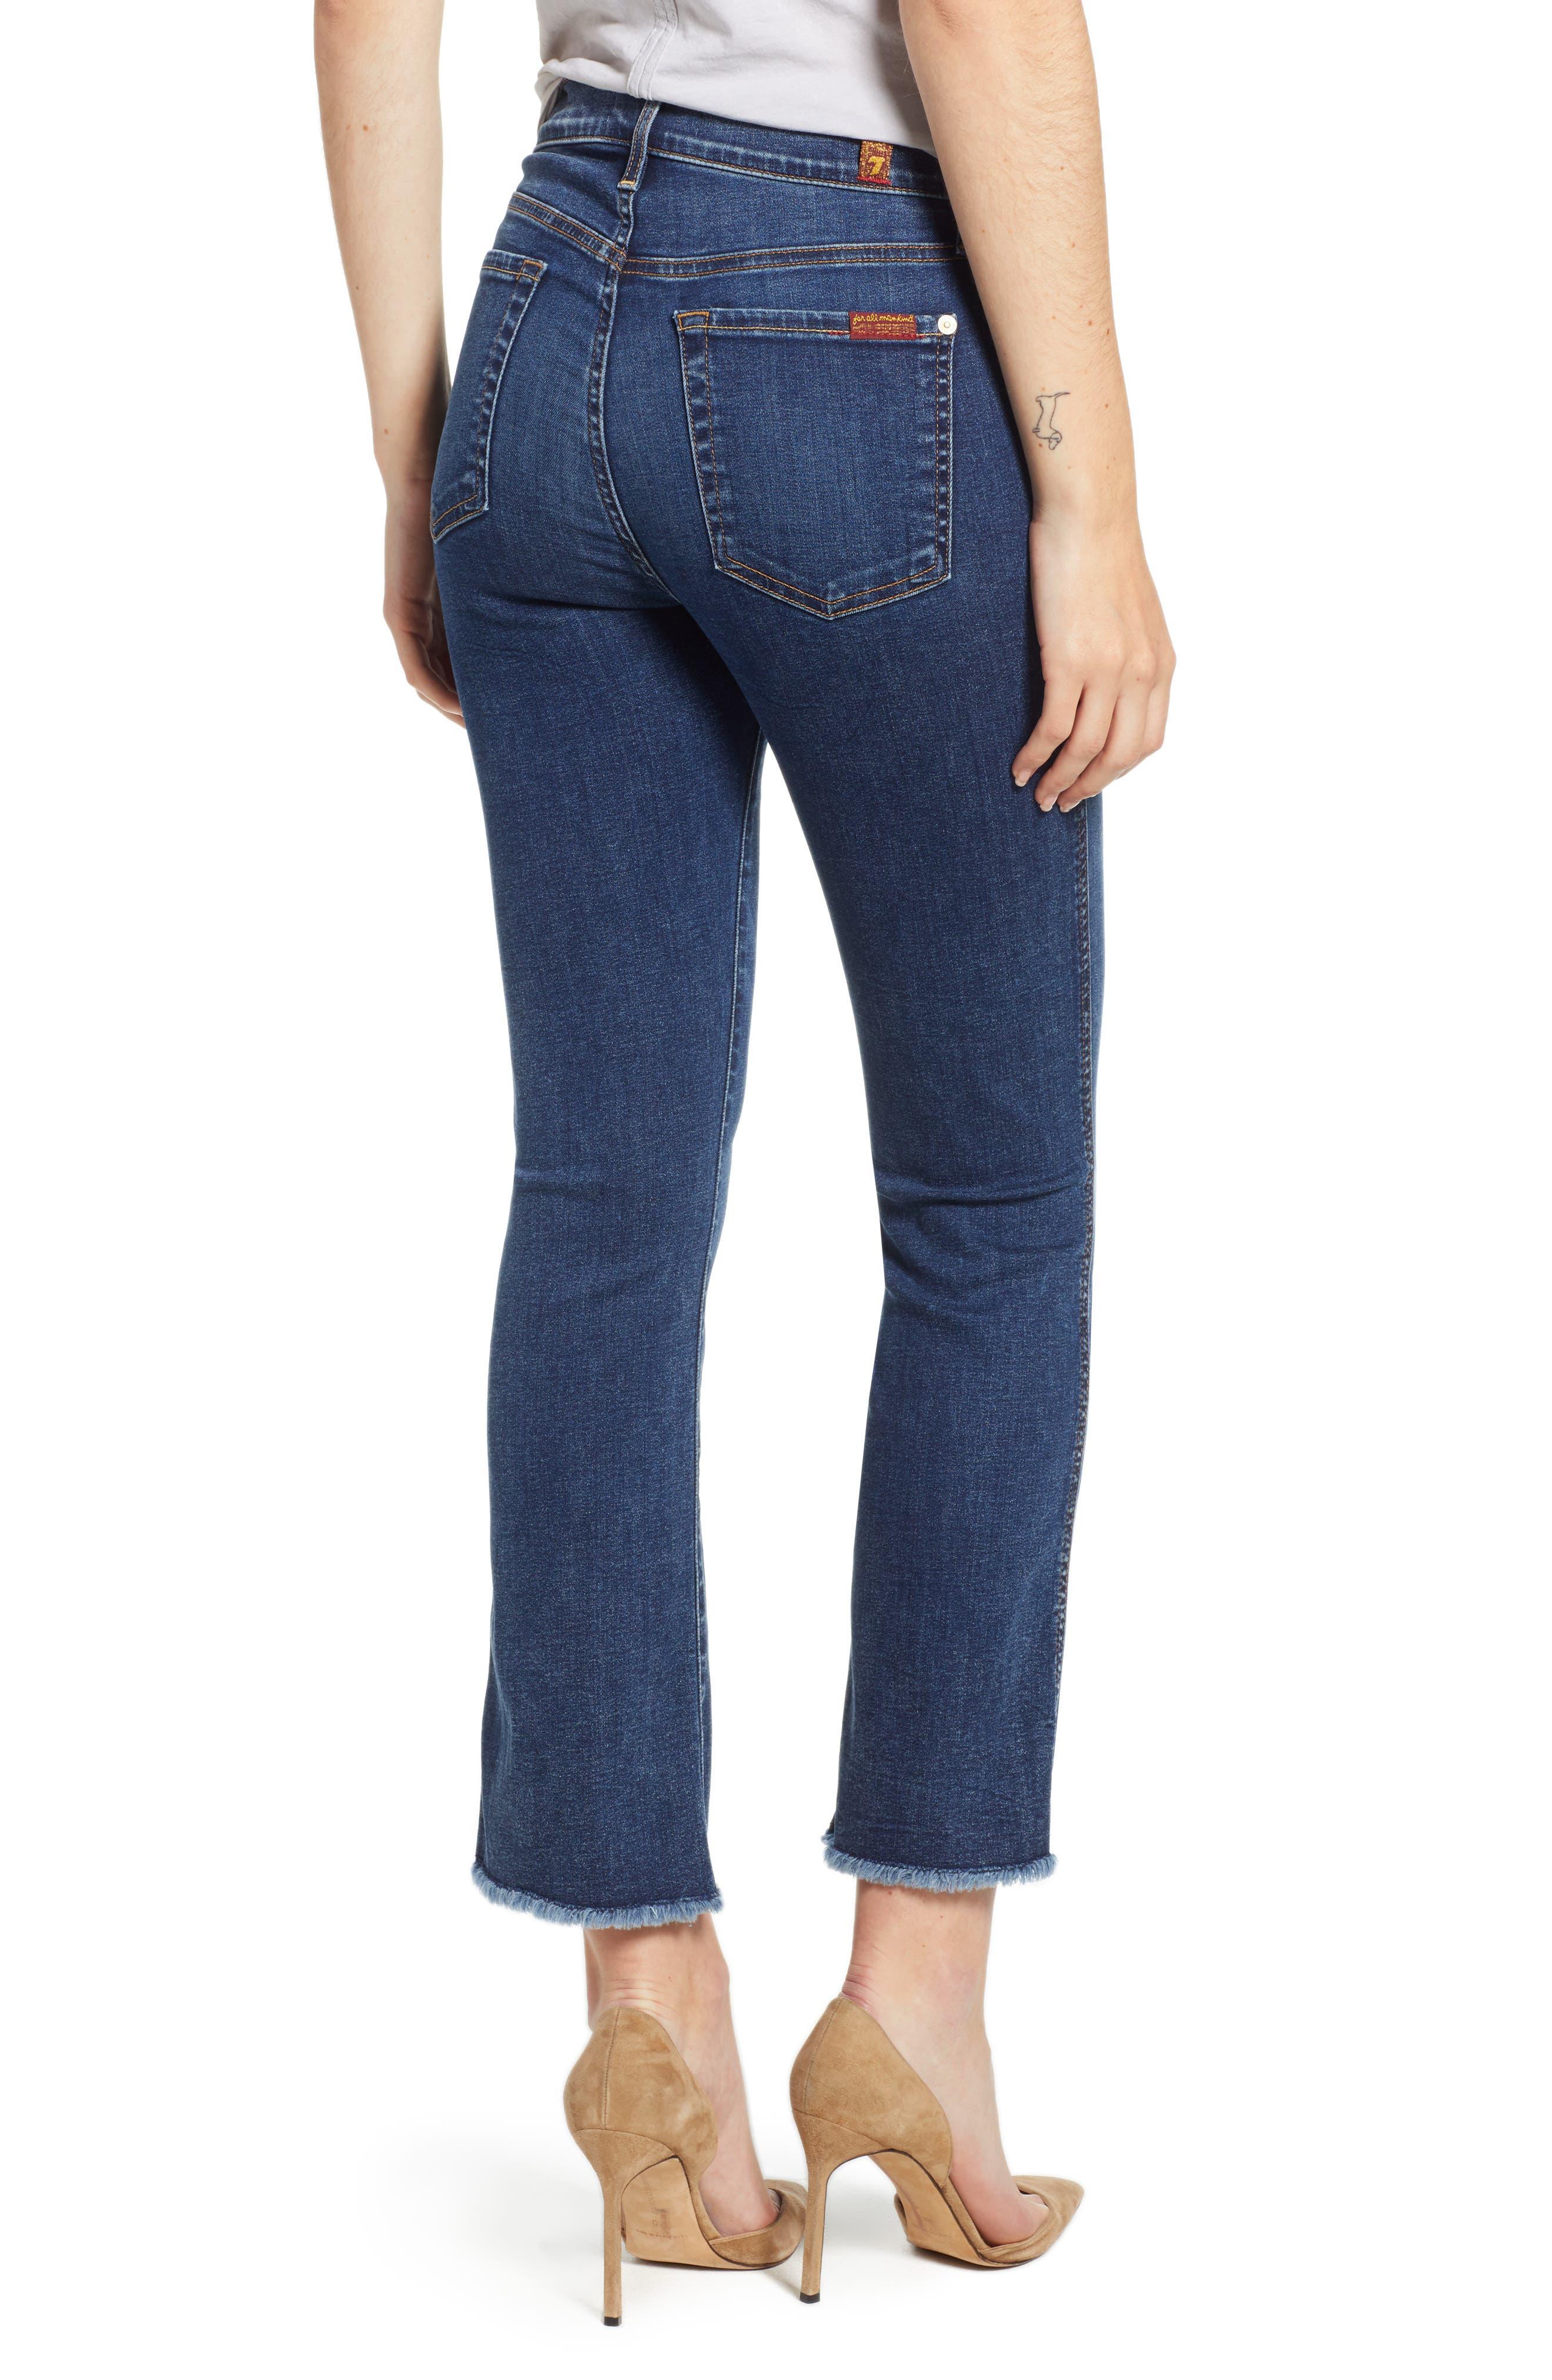 b(air) Crop Bootcut Jeans,                             Alternate thumbnail 2, color,                             B Air Echo